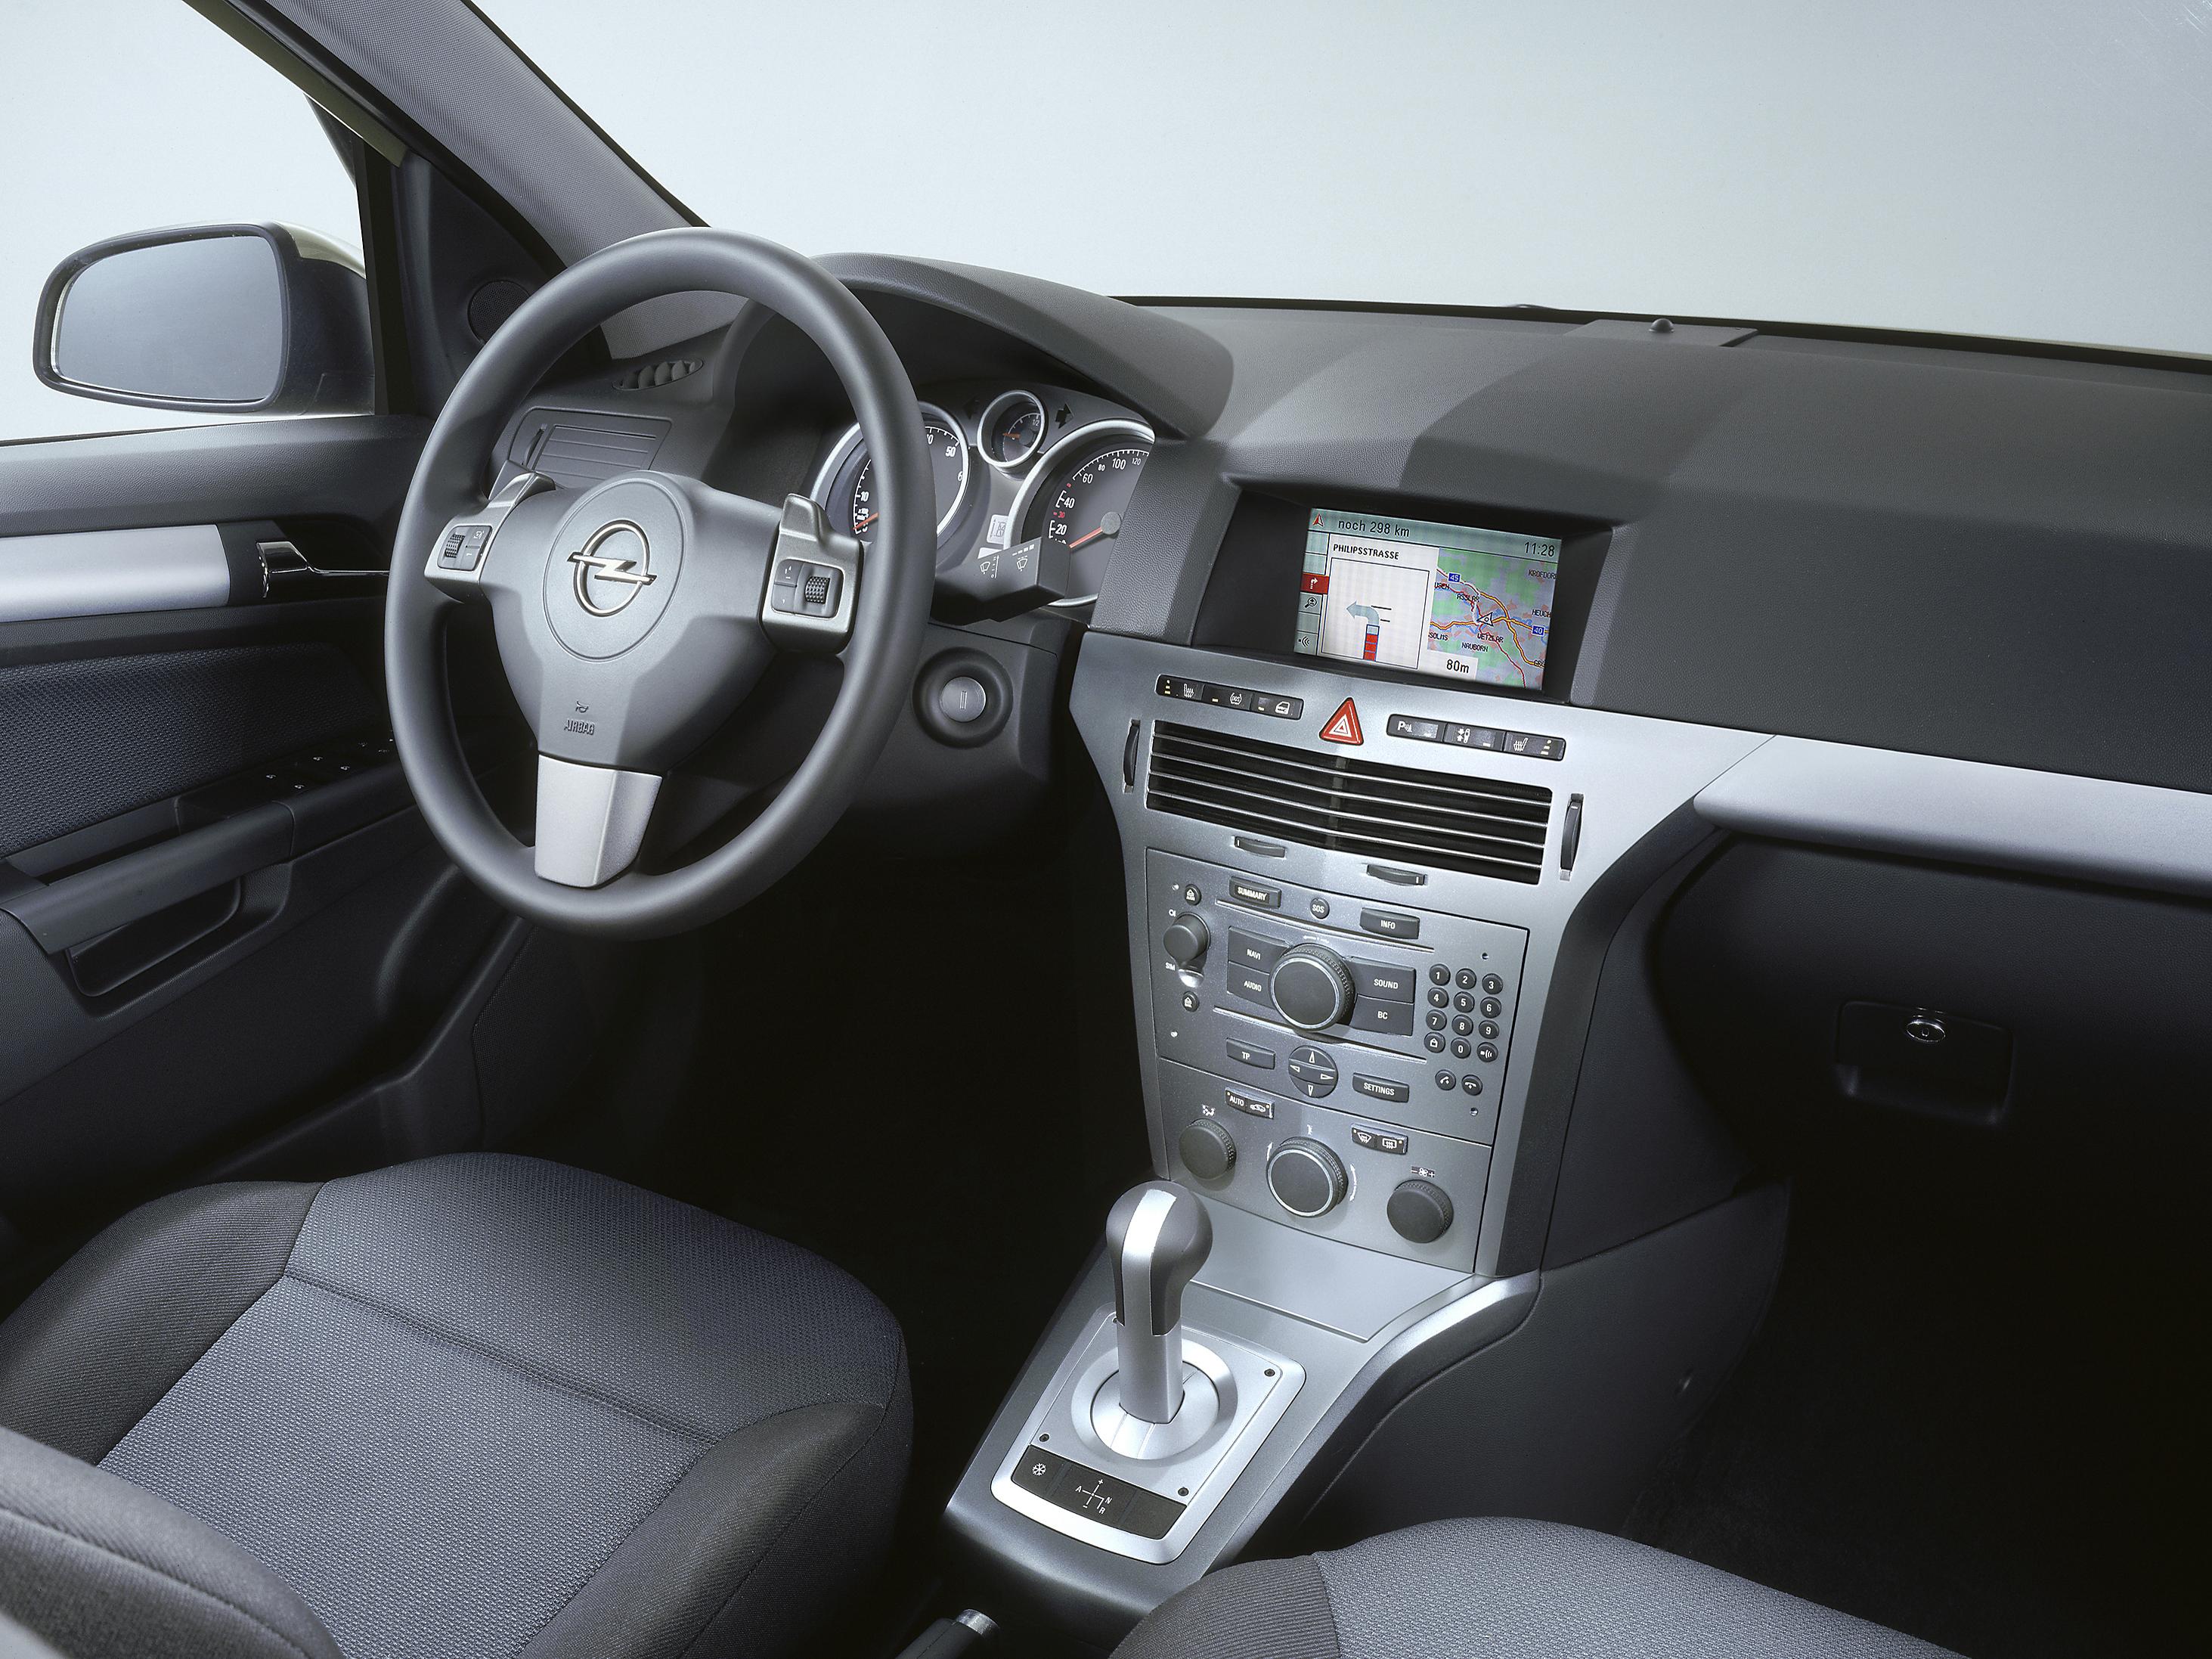 Opel Astra GTC 1. 6. Посмотреть полный размер фото.